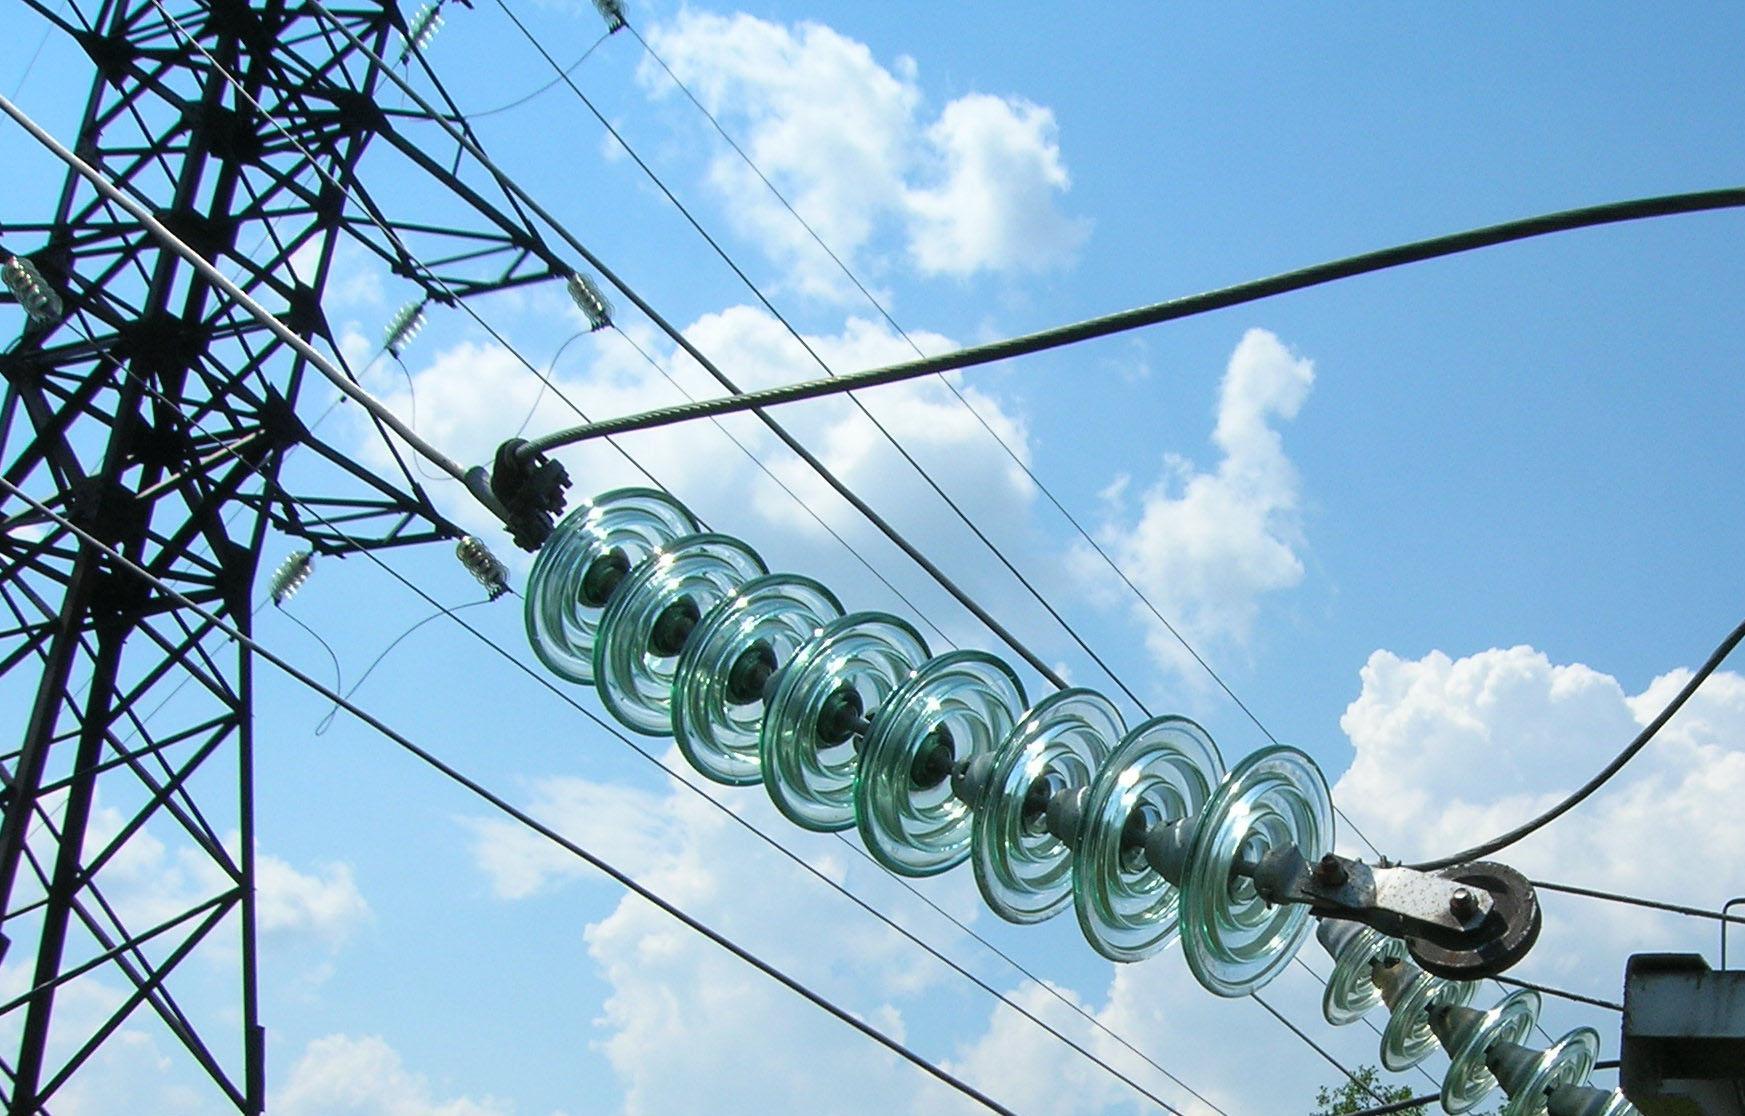 Энергетики Тверьэнерго завершили работы по замене полимерной изоляции на высоковольтных ЛЭП - новости Афанасий